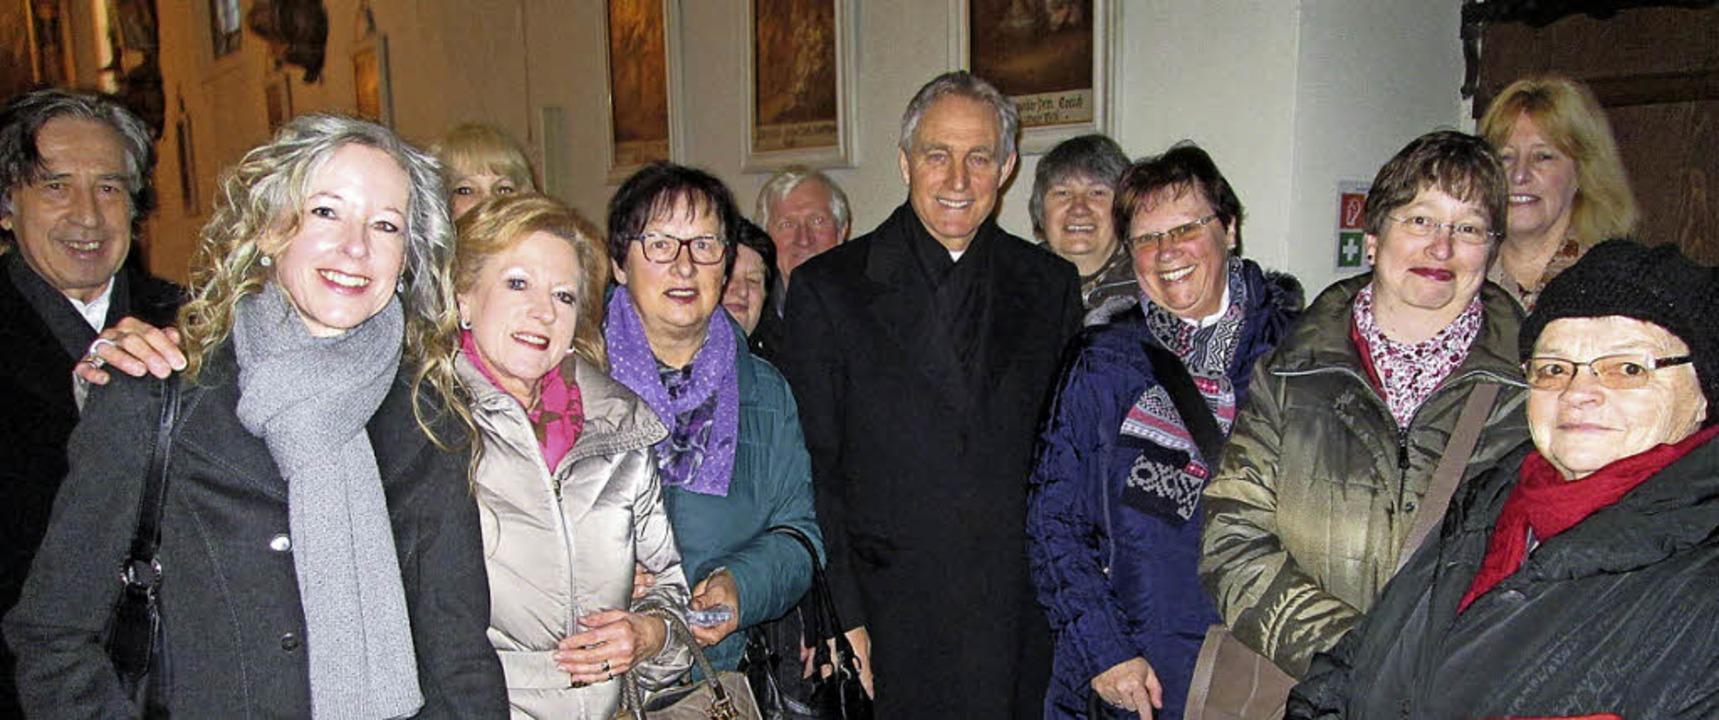 Erzbischof Dr. Georg Gänswein weilte e...Gottesdienste waren alle gut besucht.   | Foto: Elisabeth Baumeister